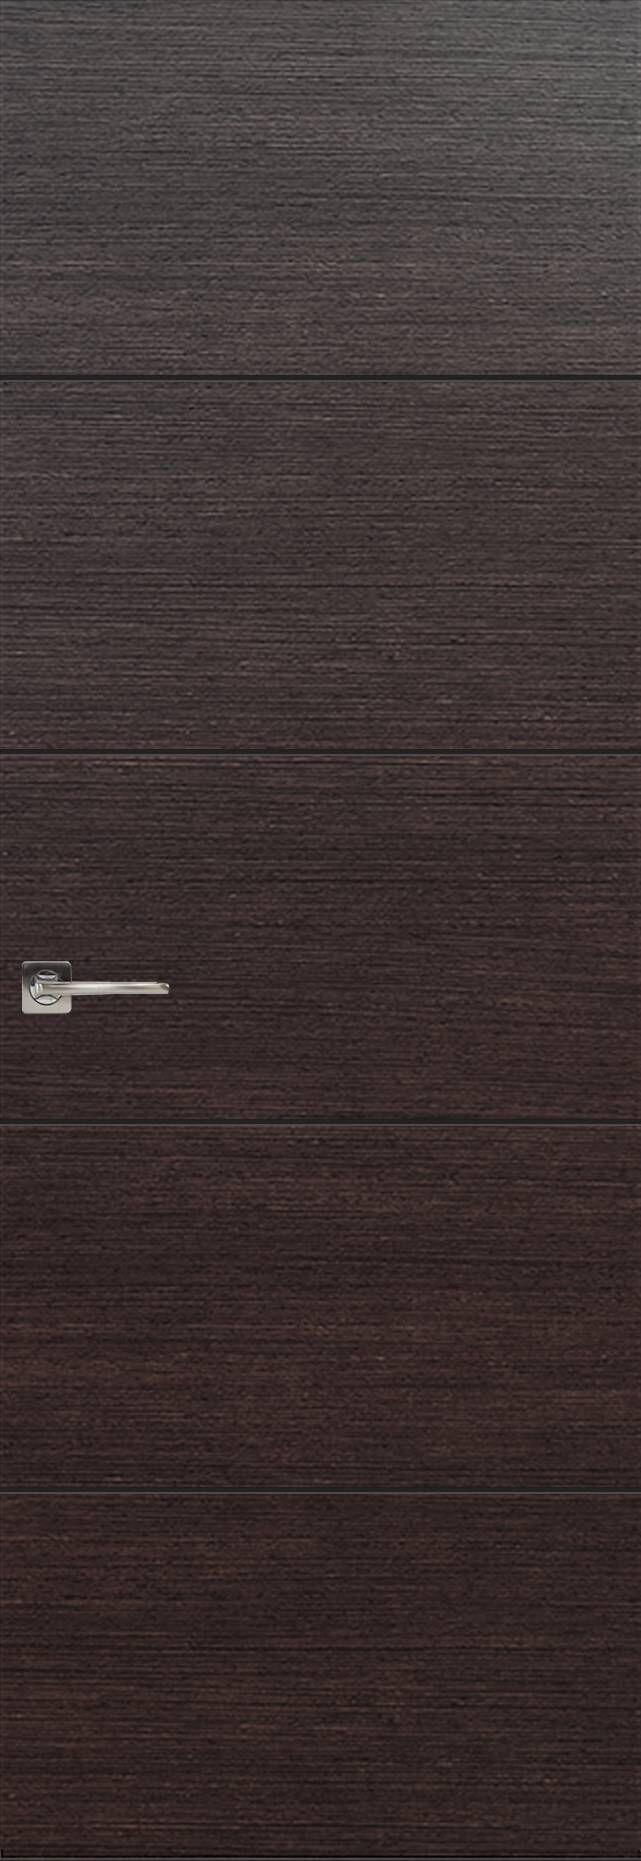 Tivoli Д-2 Invisible цвет - Венге Шоколад Без стекла (ДГ)